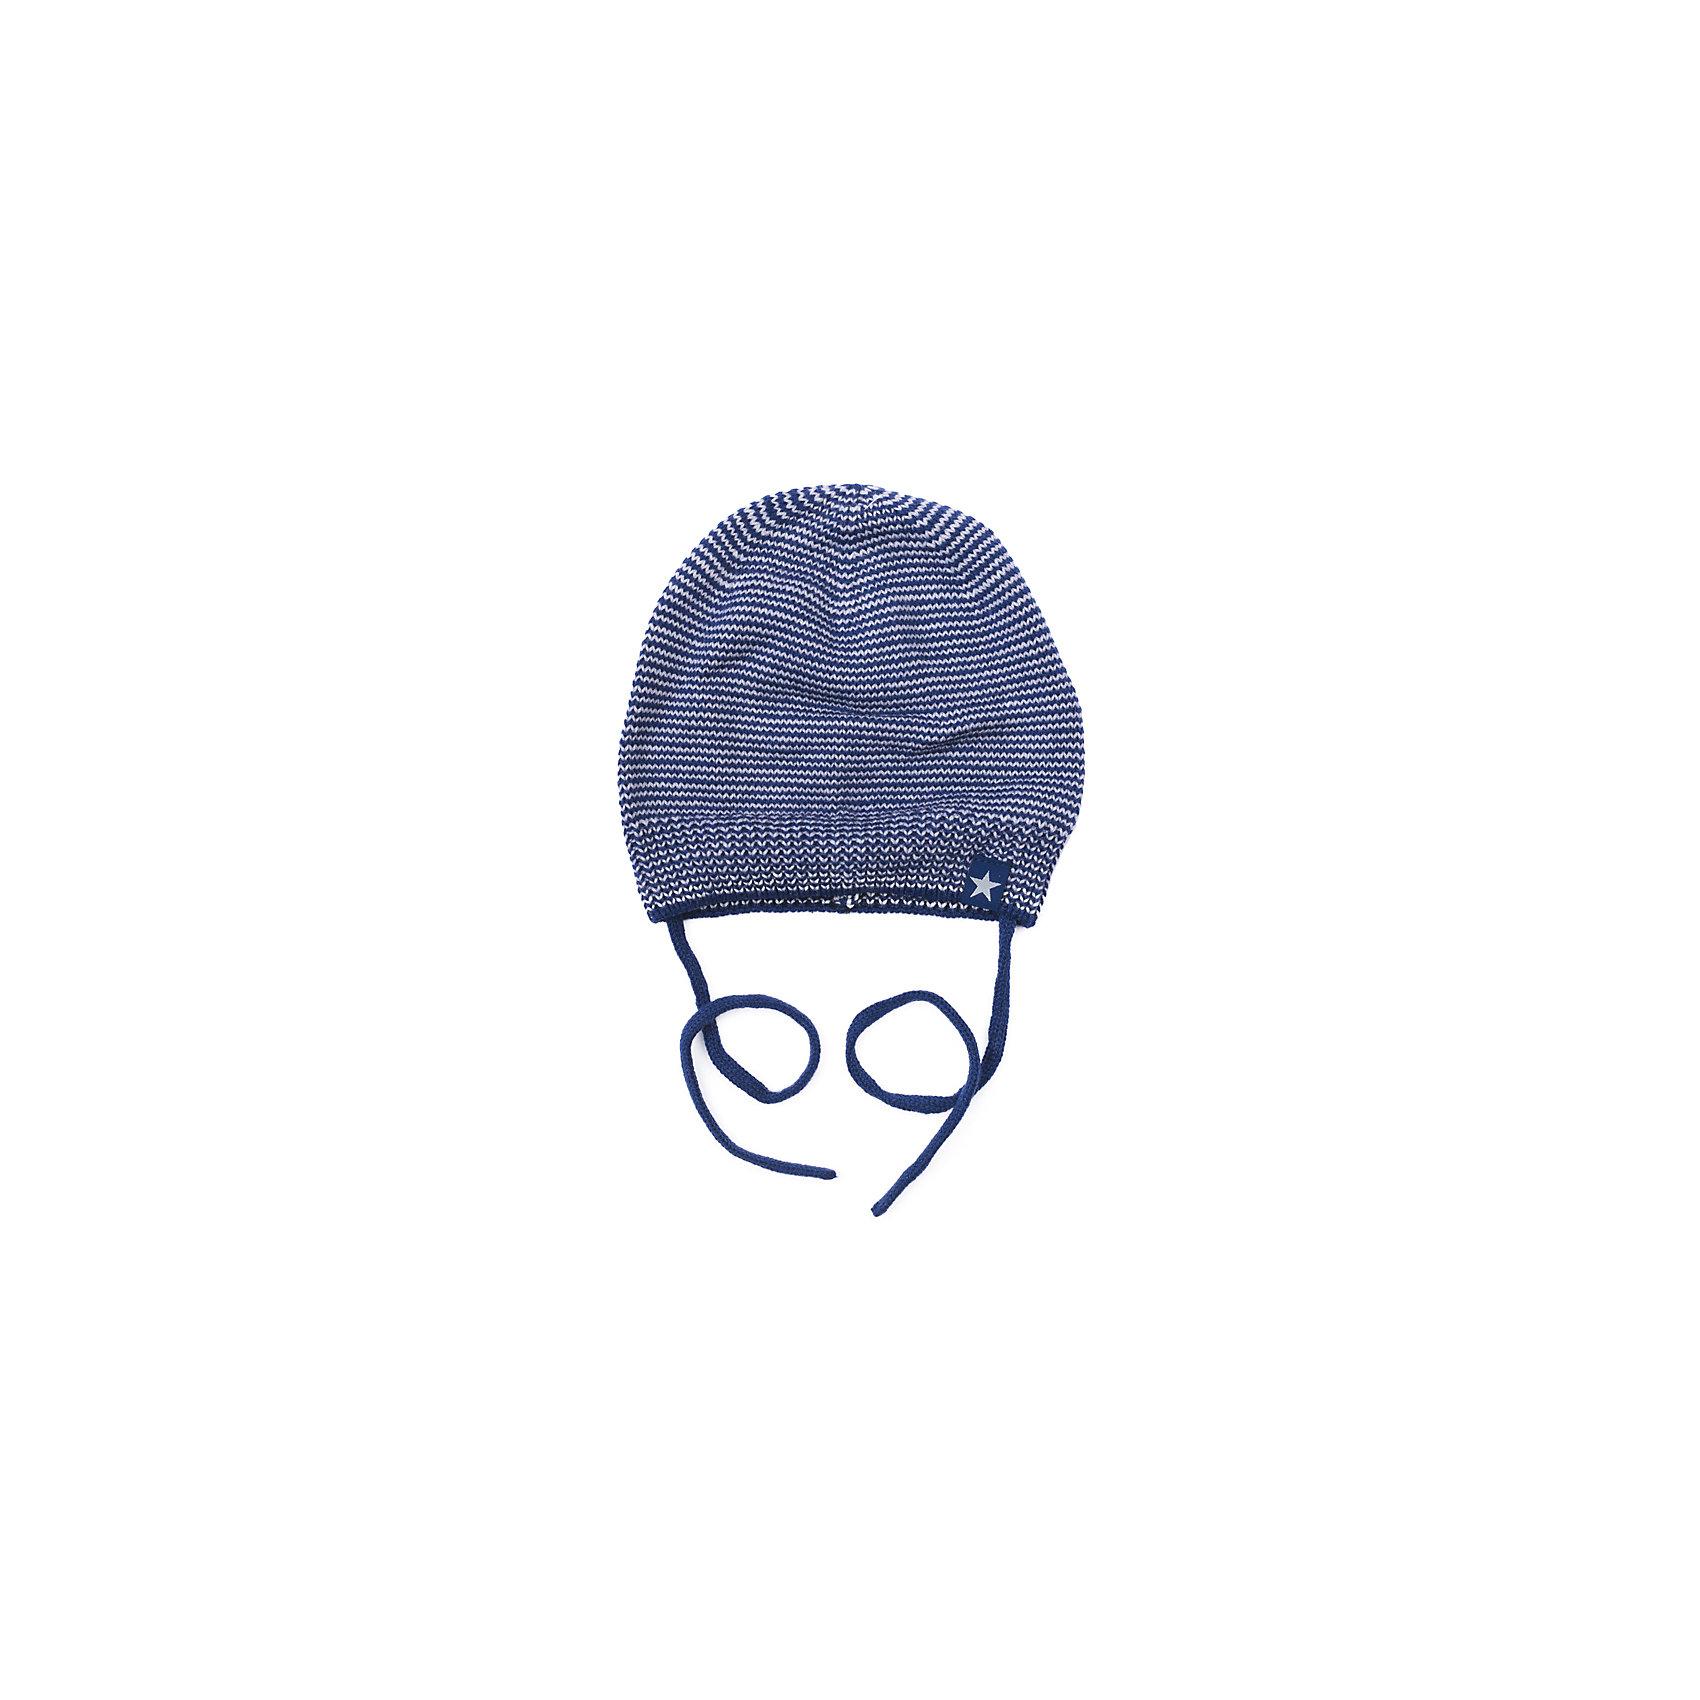 Шапка для мальчика PlayTodayШапочки<br>Шапка для мальчика PlayToday<br>Шапка на завязках для мальчика из трикотажа подойдет Вашему ребенку для прогулок в прохладную погоду. Плотно прилегает к голове, комфортна при носке.Преимущества: Шапка на завязкахКомфортна при носке<br>Состав:<br>80% хлопок, 20% акрил<br><br>Ширина мм: 89<br>Глубина мм: 117<br>Высота мм: 44<br>Вес г: 155<br>Цвет: полуночно-синий<br>Возраст от месяцев: 12<br>Возраст до месяцев: 18<br>Пол: Мужской<br>Возраст: Детский<br>Размер: 48,46<br>SKU: 5407808